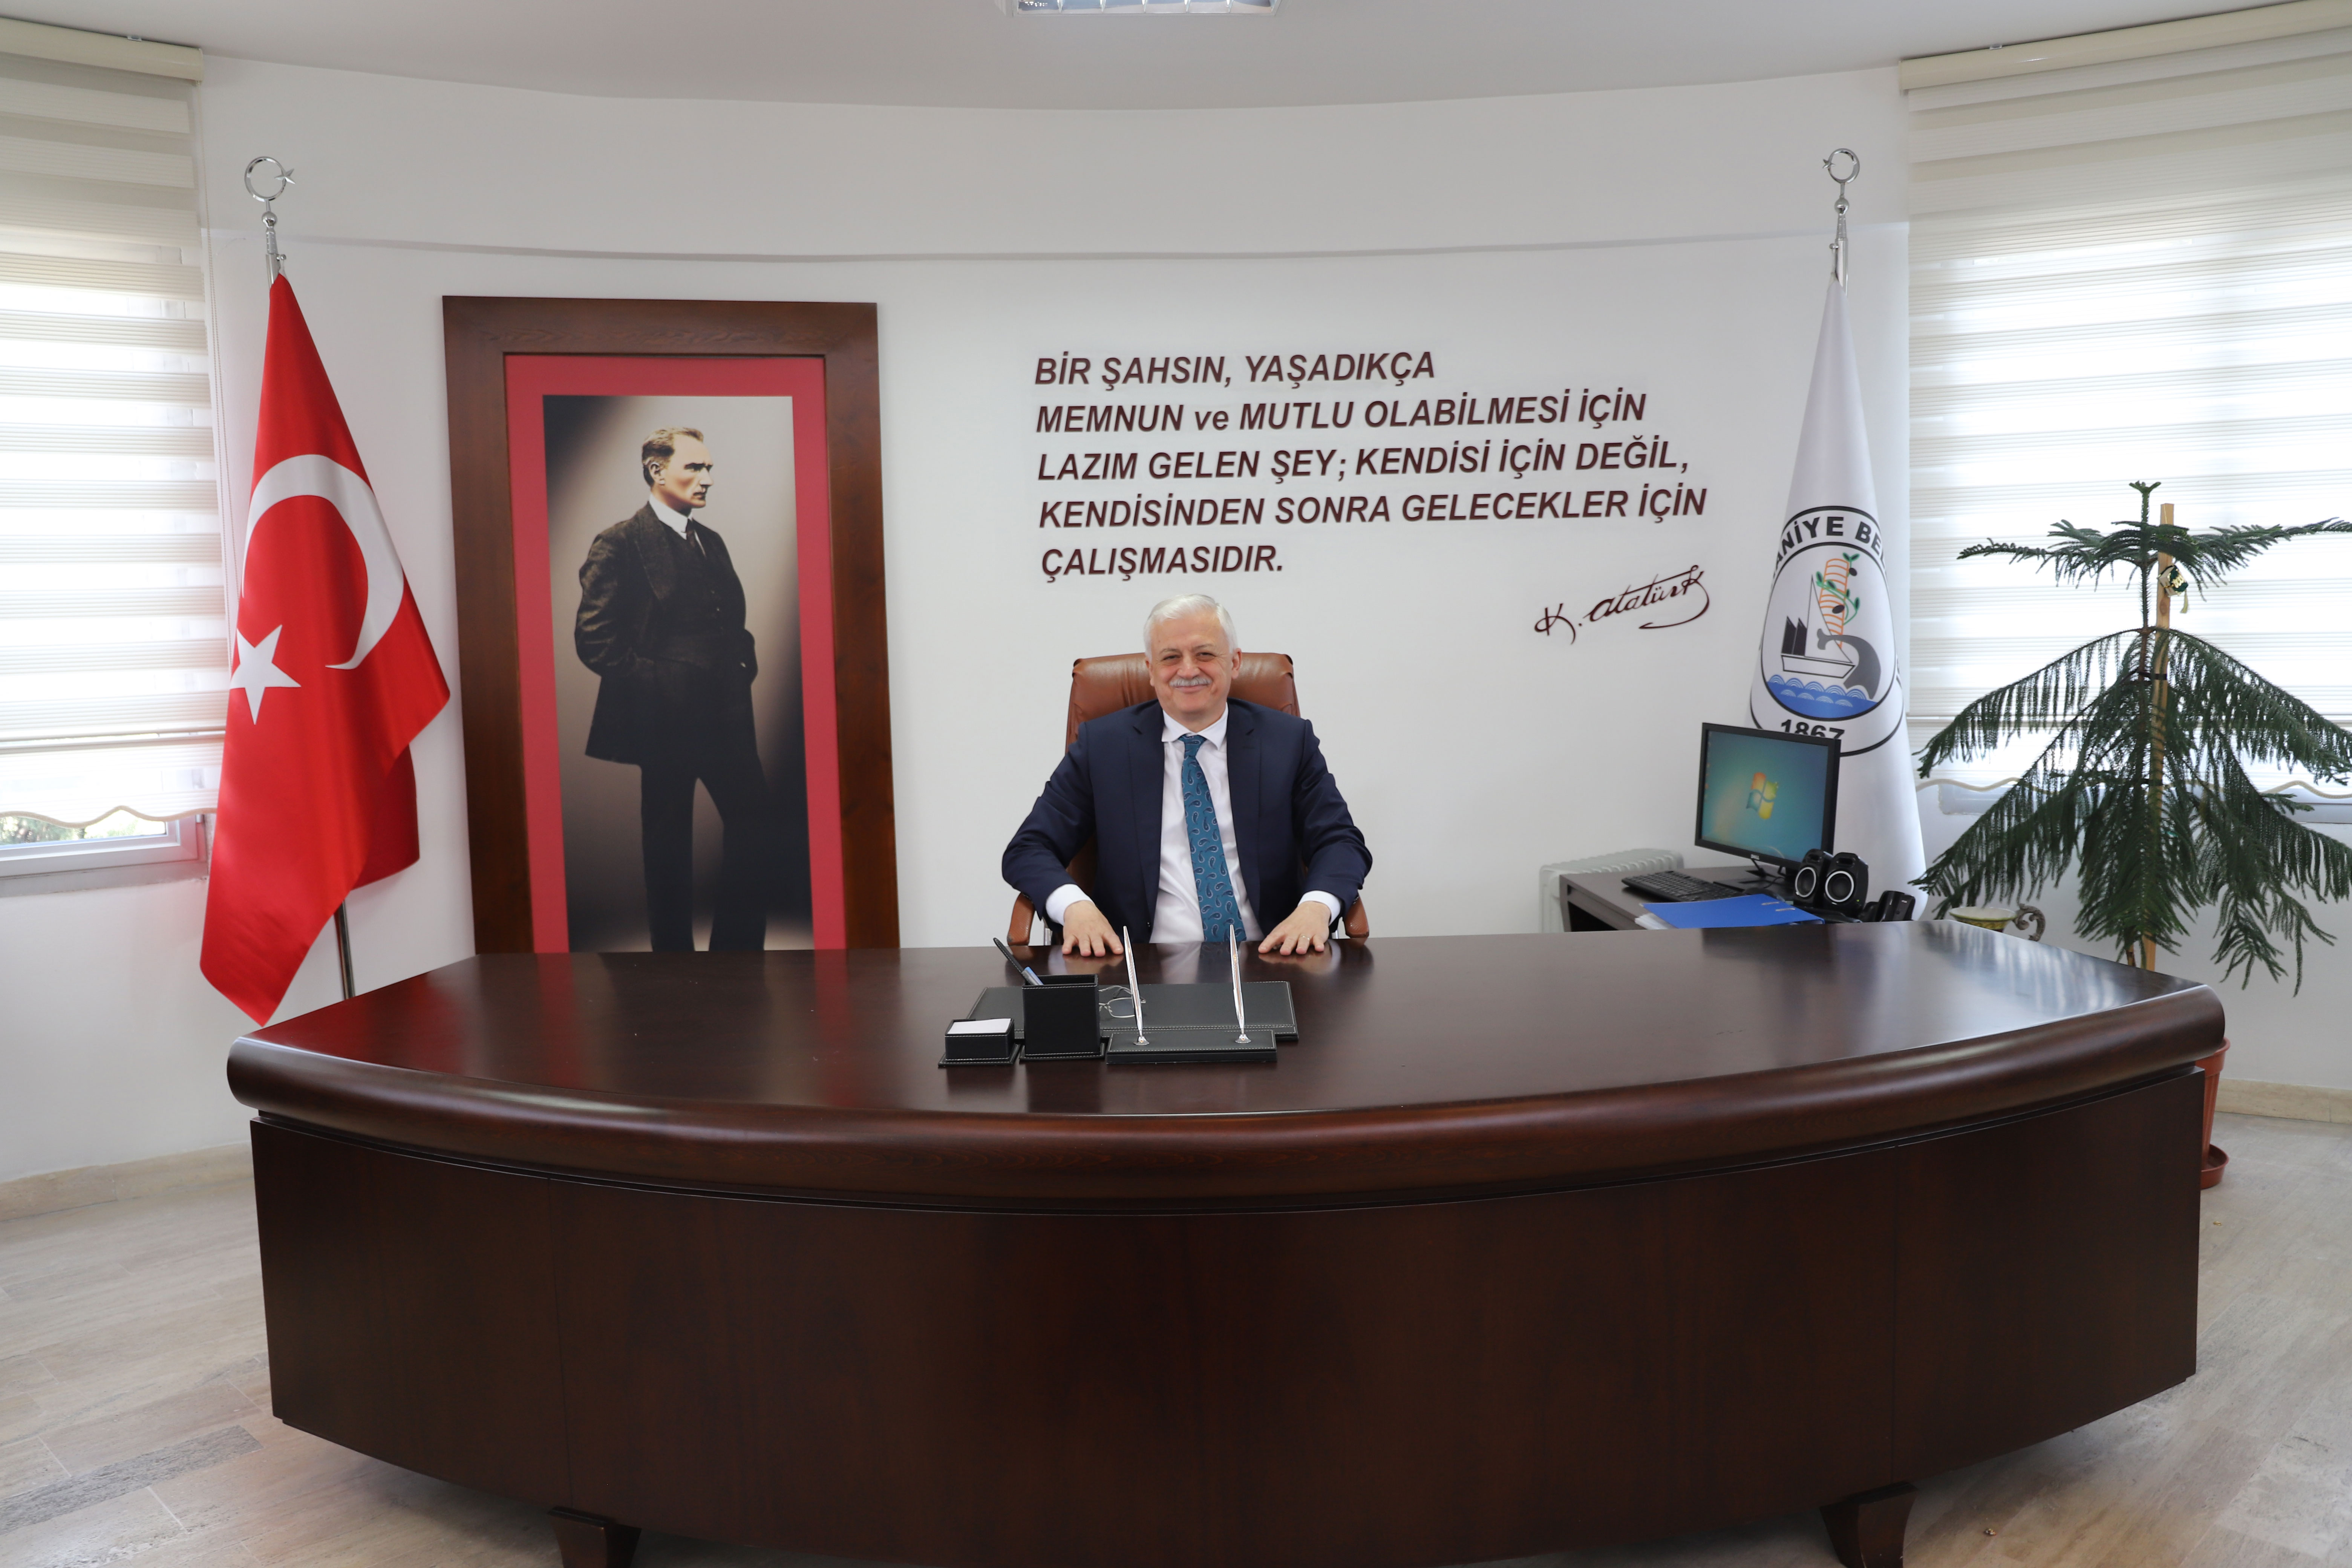 Belediye Başkanı Ali Kemal Deveciler in 1 Mayıs İşçi ve Emekçi Bayramı Mesajı